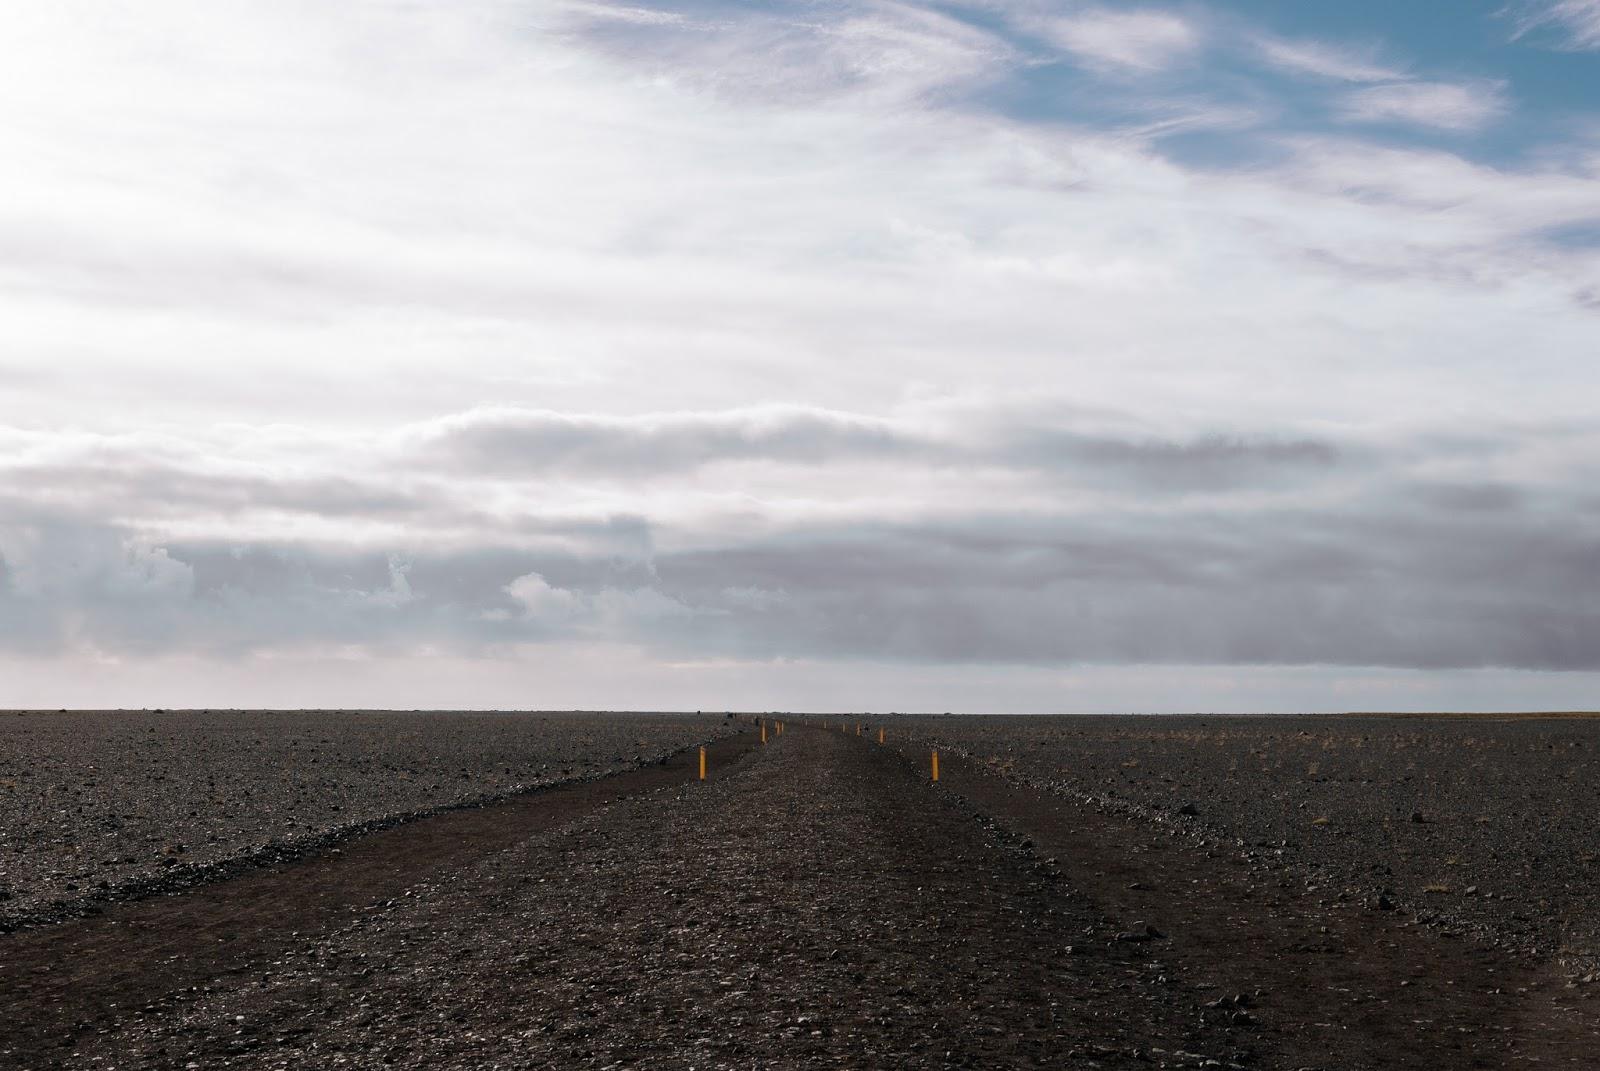 Islandia, Dakota, wrak, droga